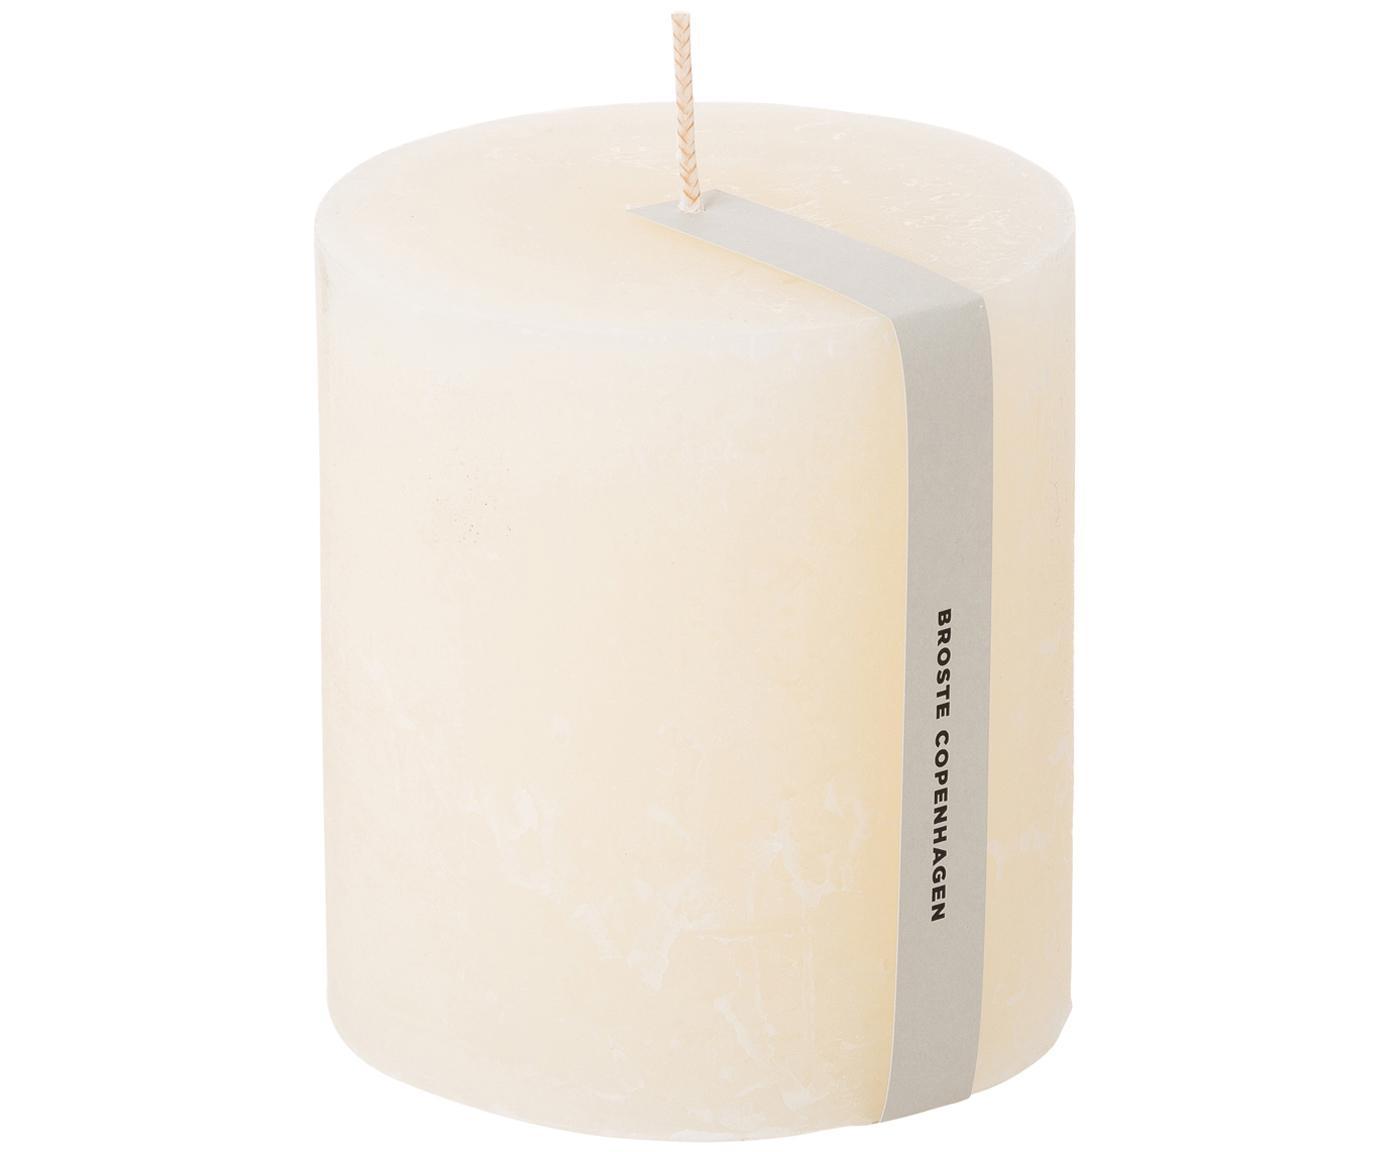 Vela pilar Rustic, Parafina, Blanco, Ø 10 x Al 11 cm